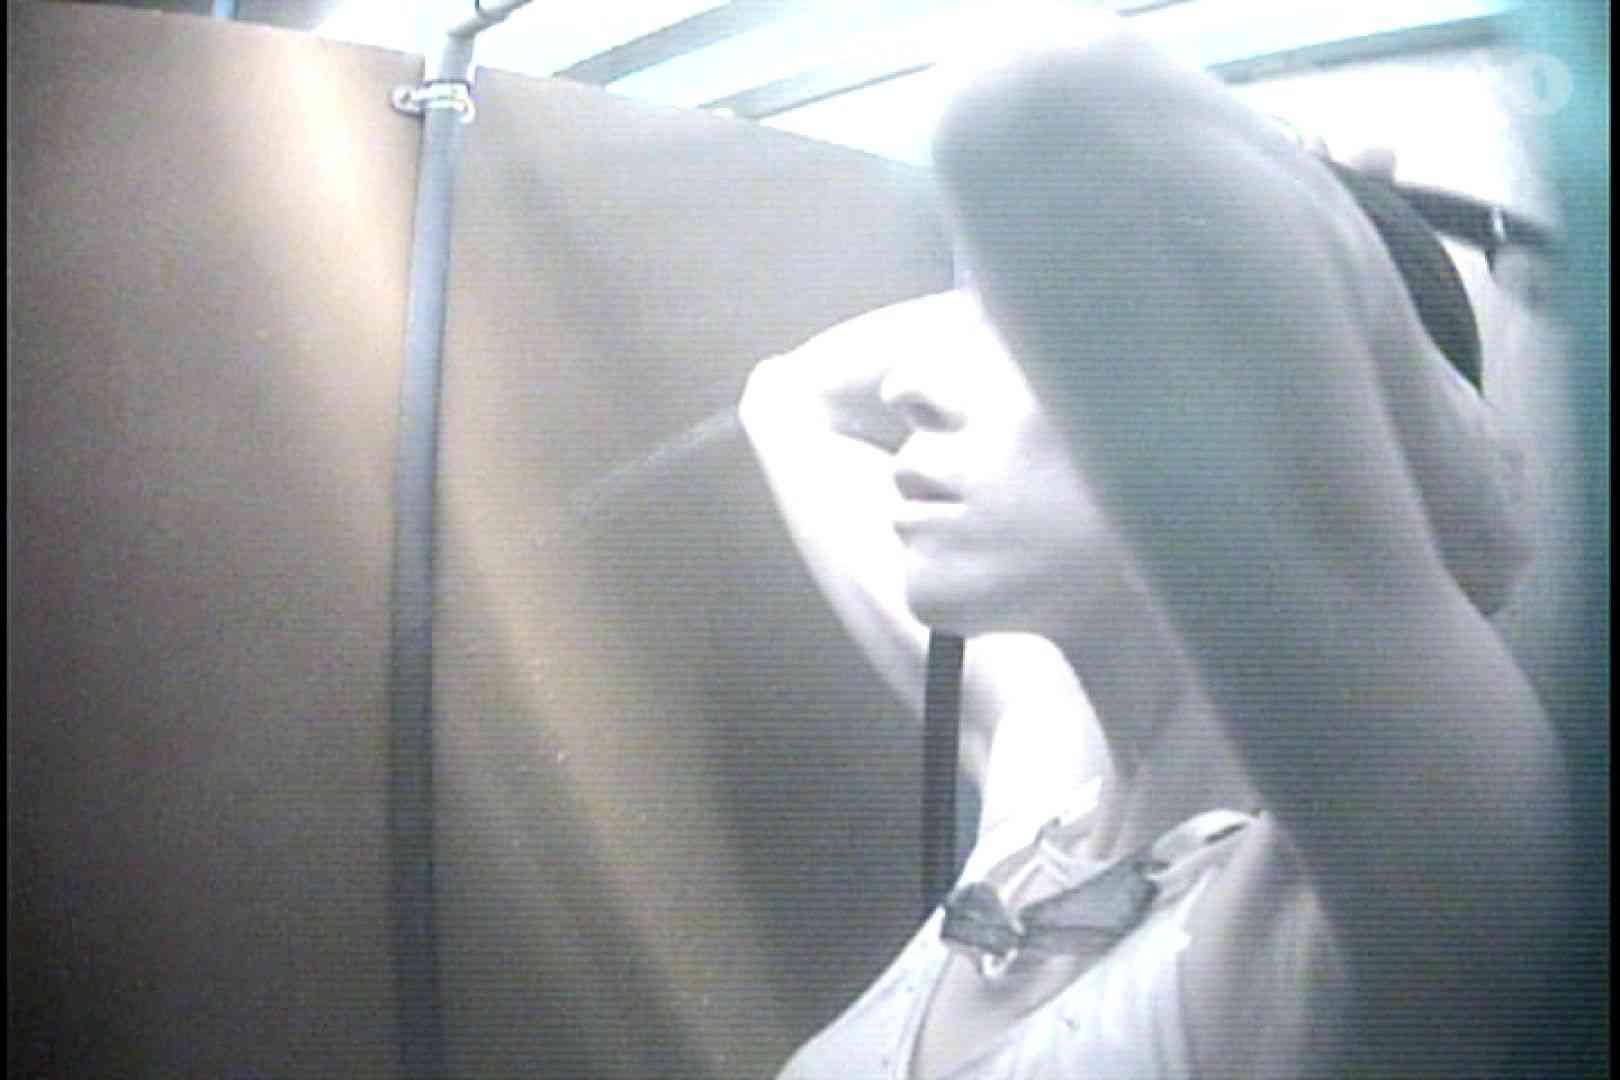 File.40 スレンダーお女市さんの一瞬見せるたれたおっぱい 名人 盗撮動画紹介 92PIX 91